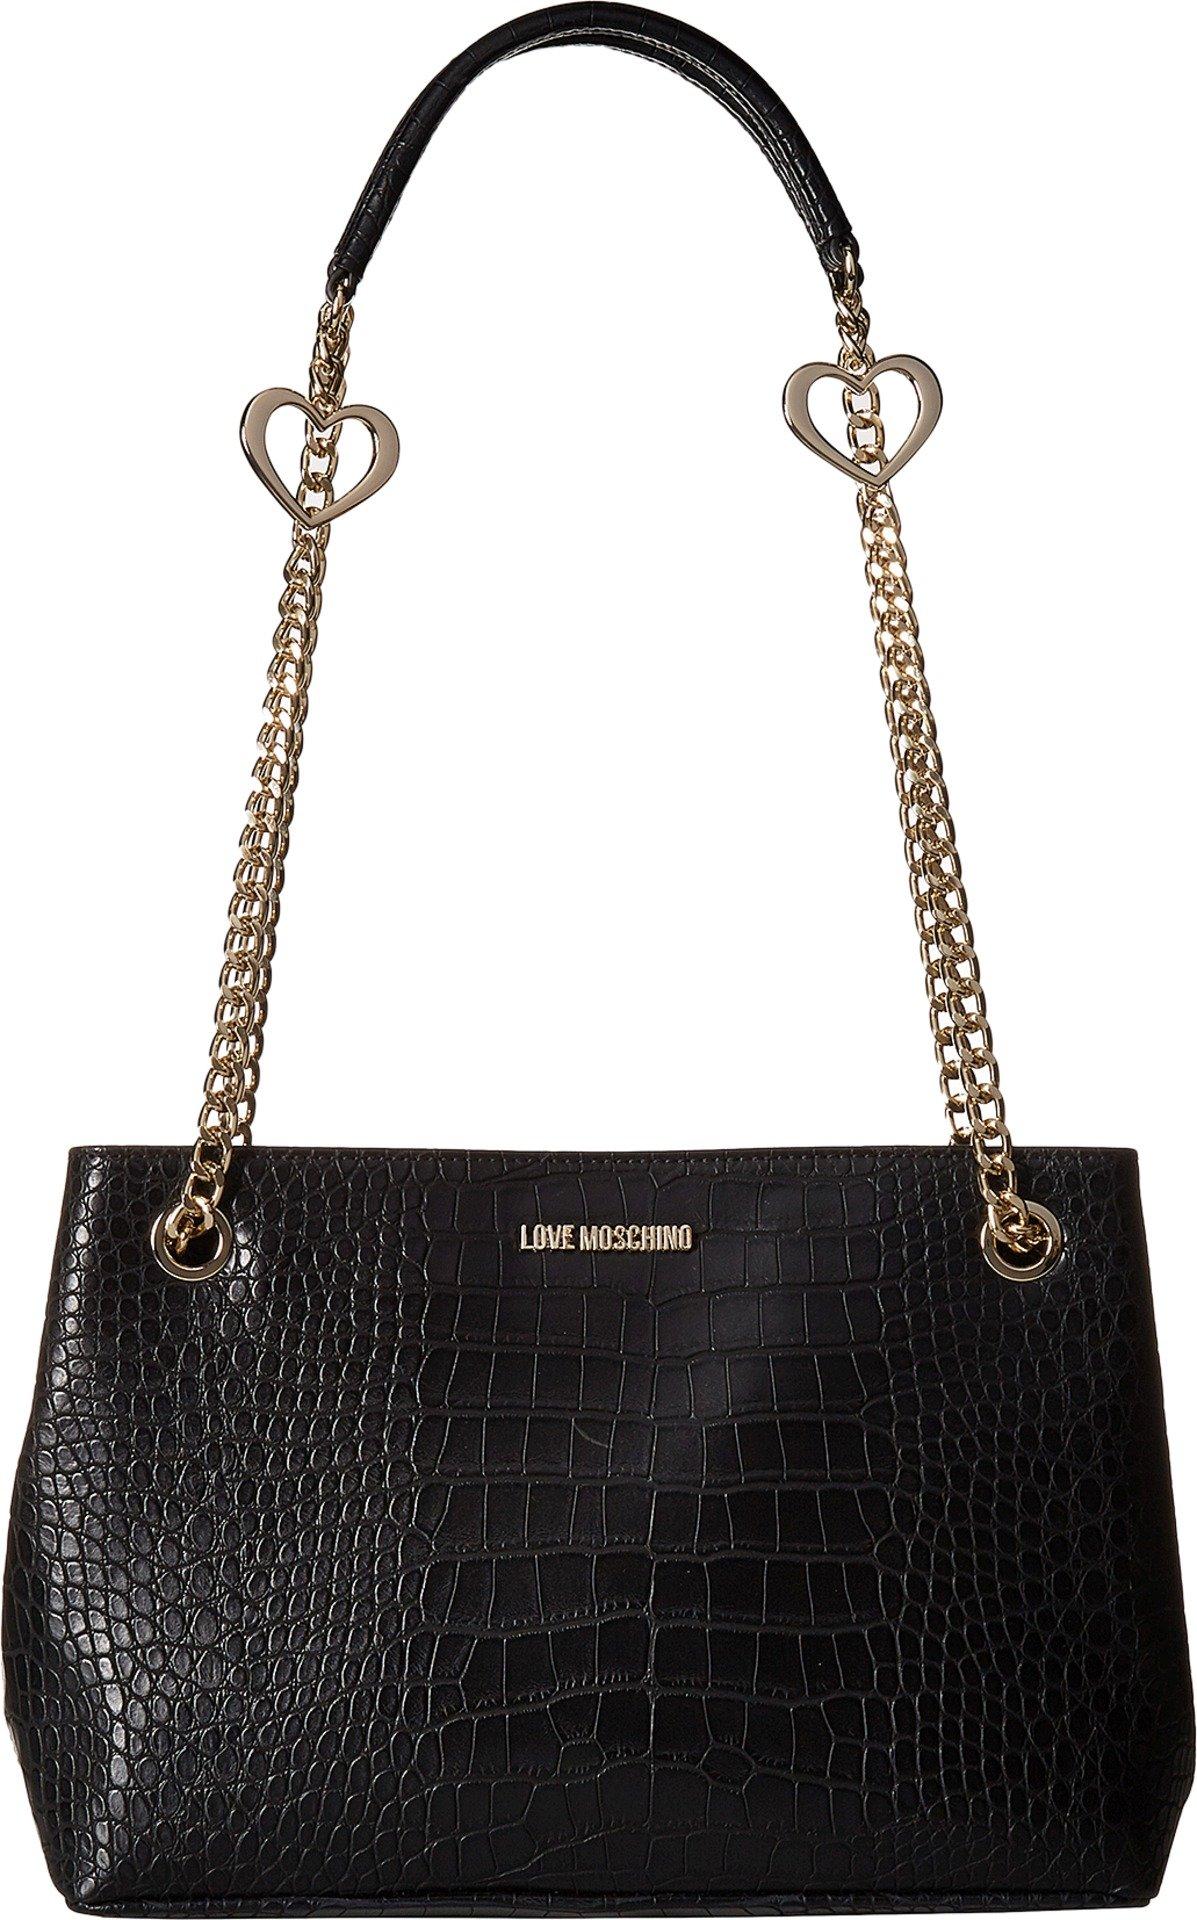 LOVE Moschino Women's Crossbody Pu Tote Black Handbag